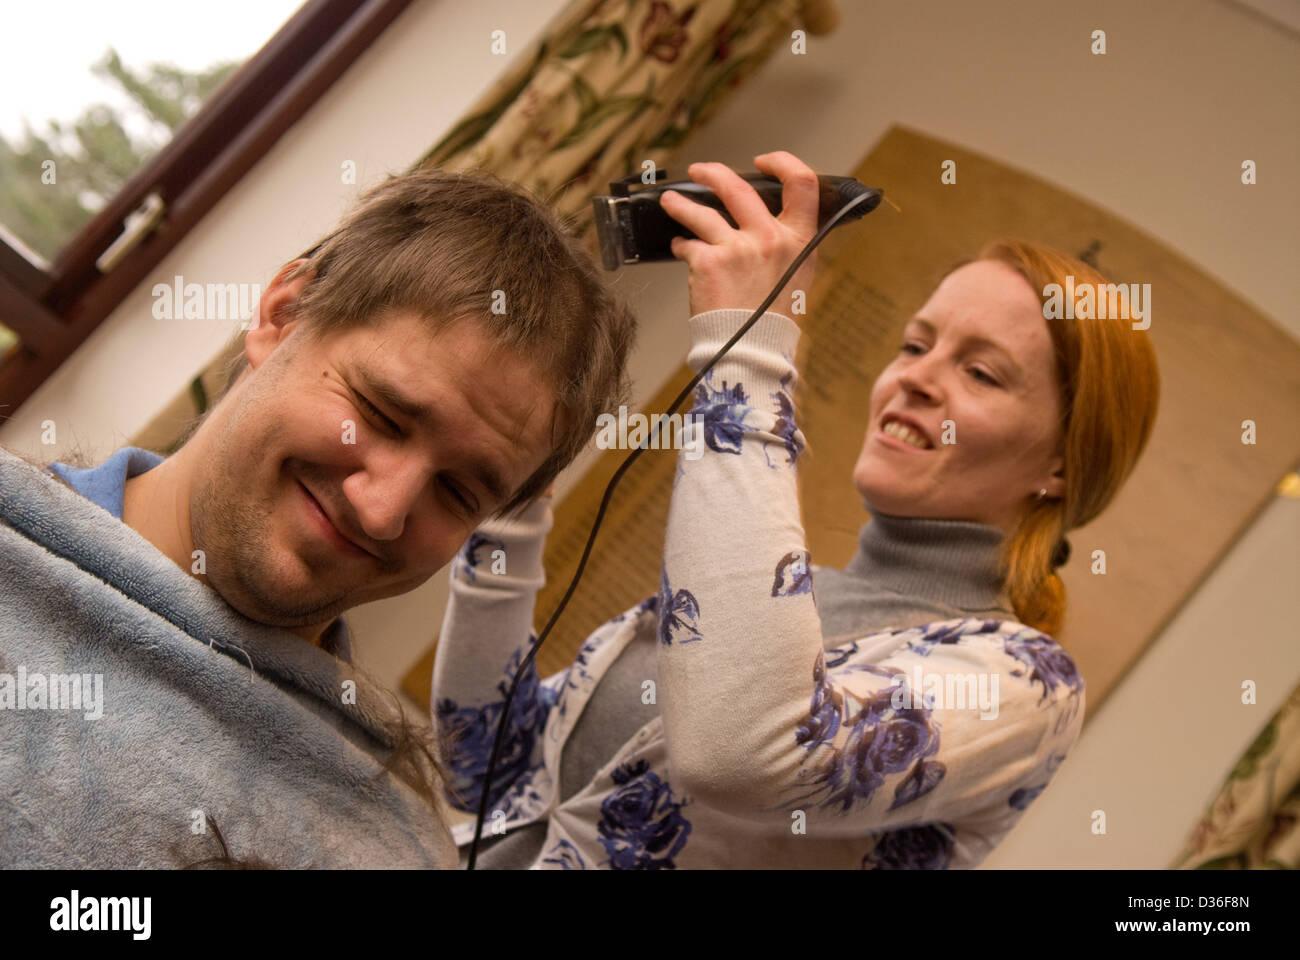 26 ans, homme, et en processus d'avoir tous ses cheveux rasés pour un cancer, BORDON, HAMPSHIRE, Royaume-Uni. Banque D'Images